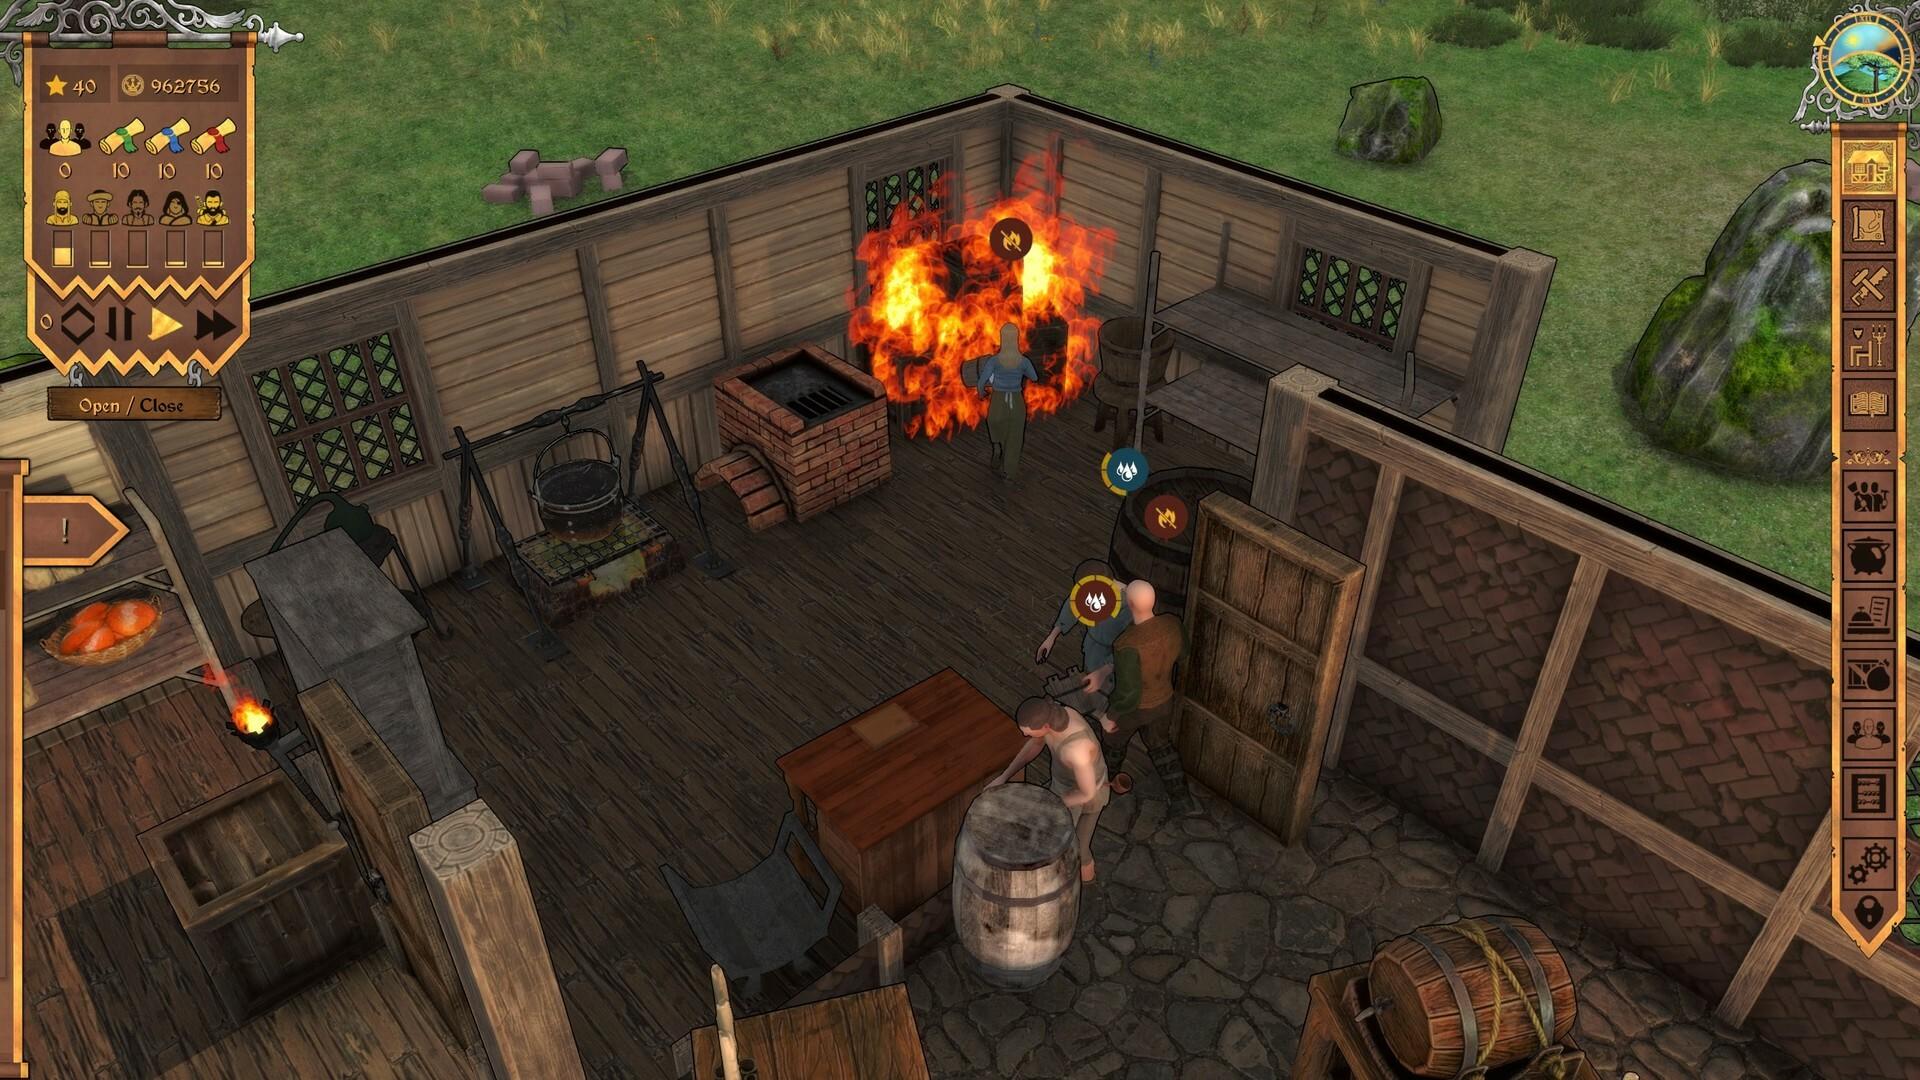 Crossroads Inn screenshot 3